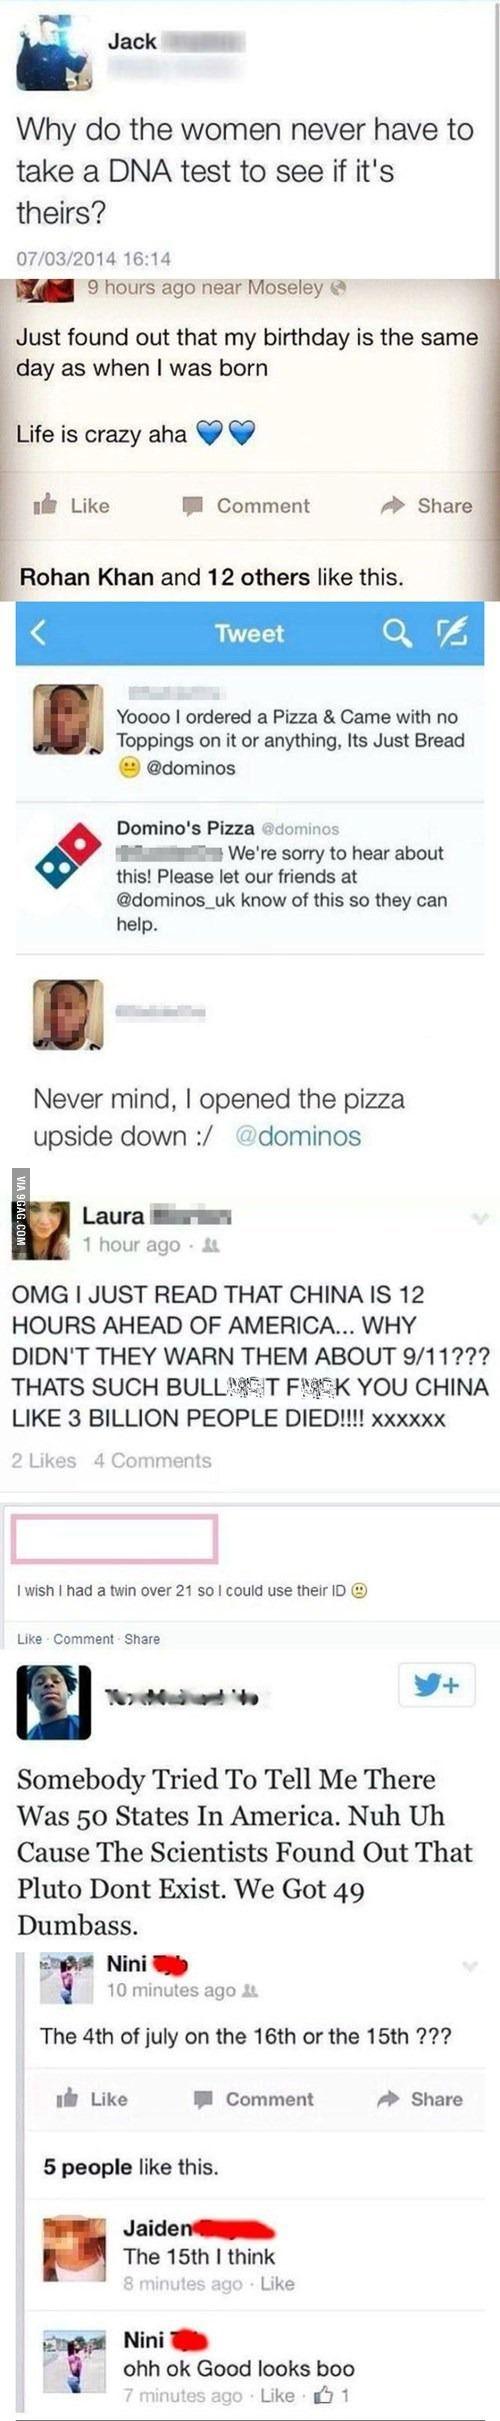 La stupidità non ha limiti...